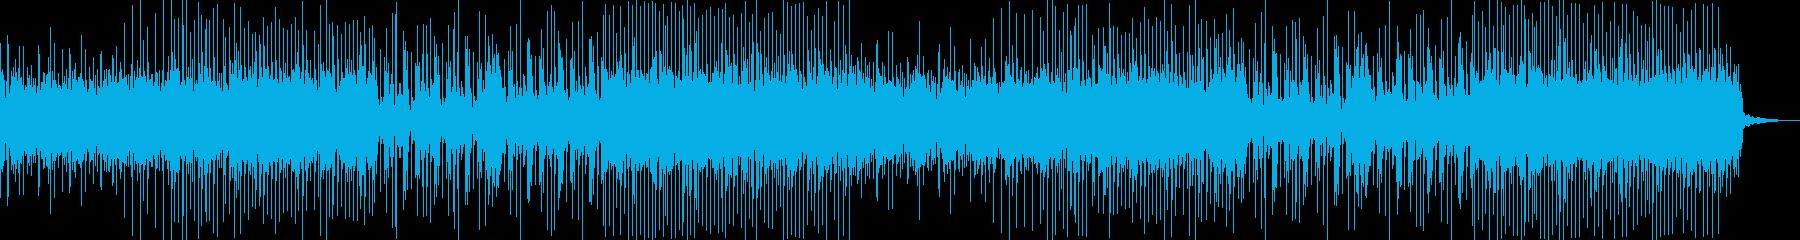 クールで現代的な三味線の和風ダンスロックの再生済みの波形